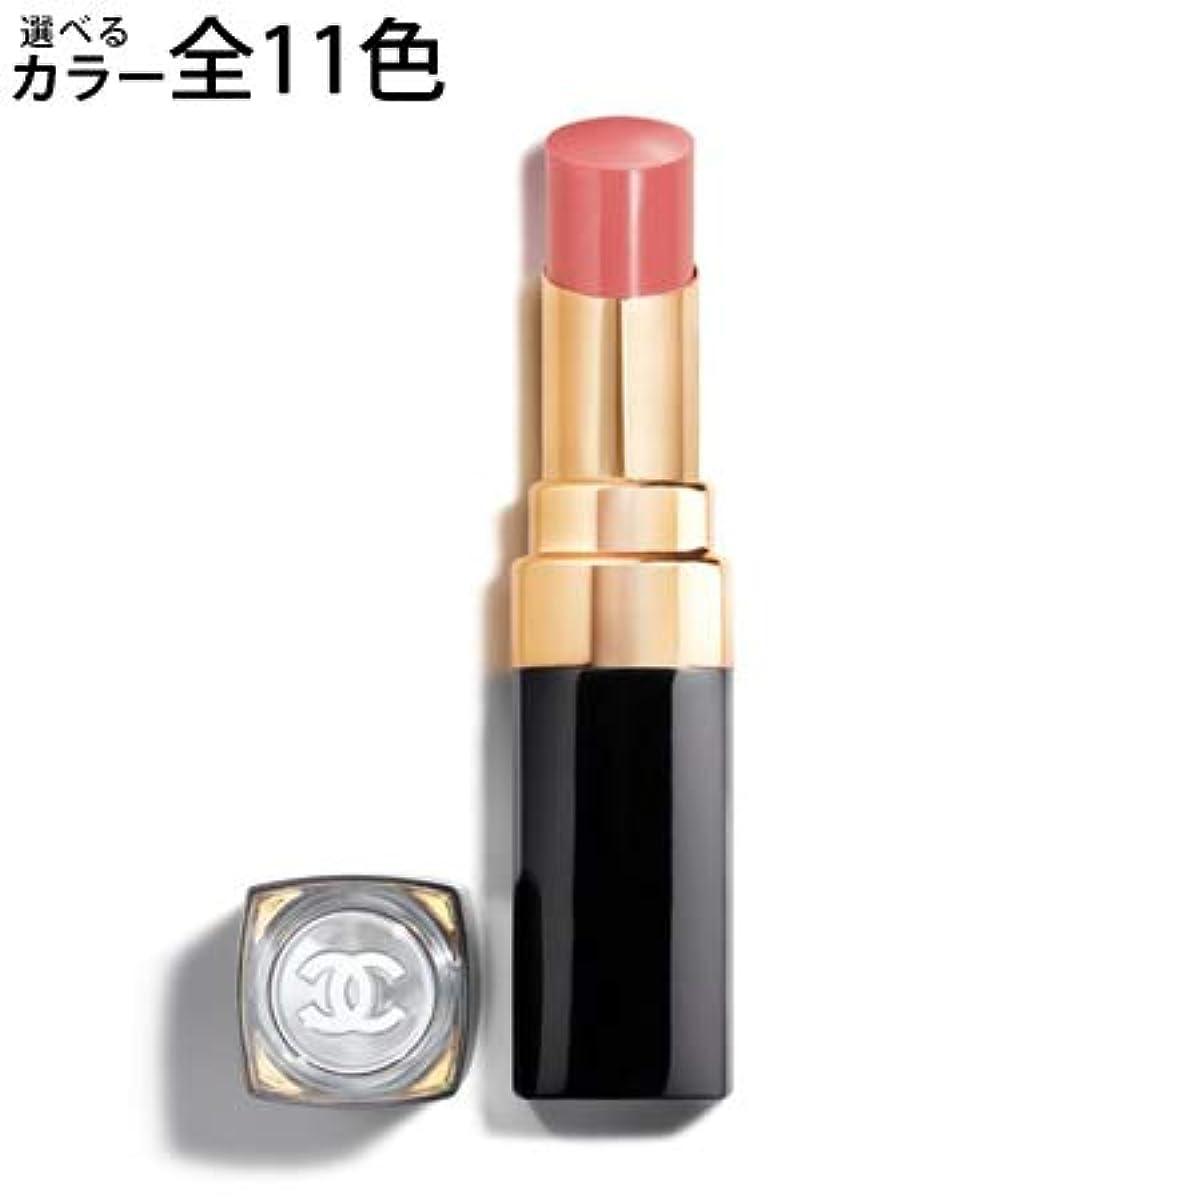 入場ブロックするアスペクトシャネル ルージュ ココ フラッシュ 選べる11色 -CHANEL- 82ライヴ